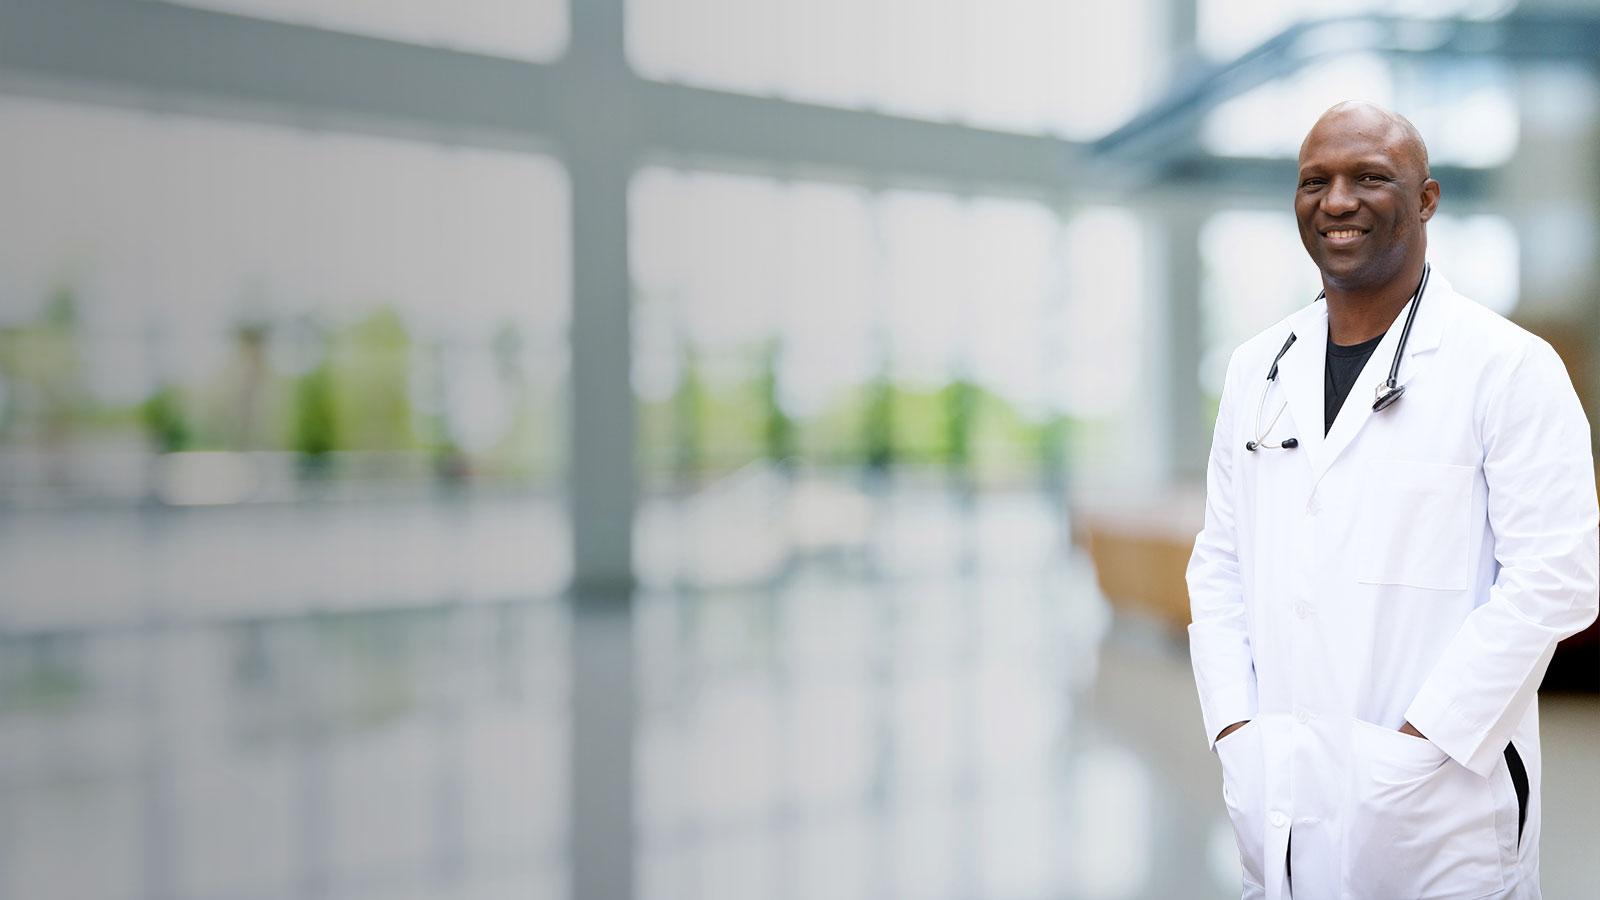 Temecula cardiologist Ganiyu Oshodi, MD